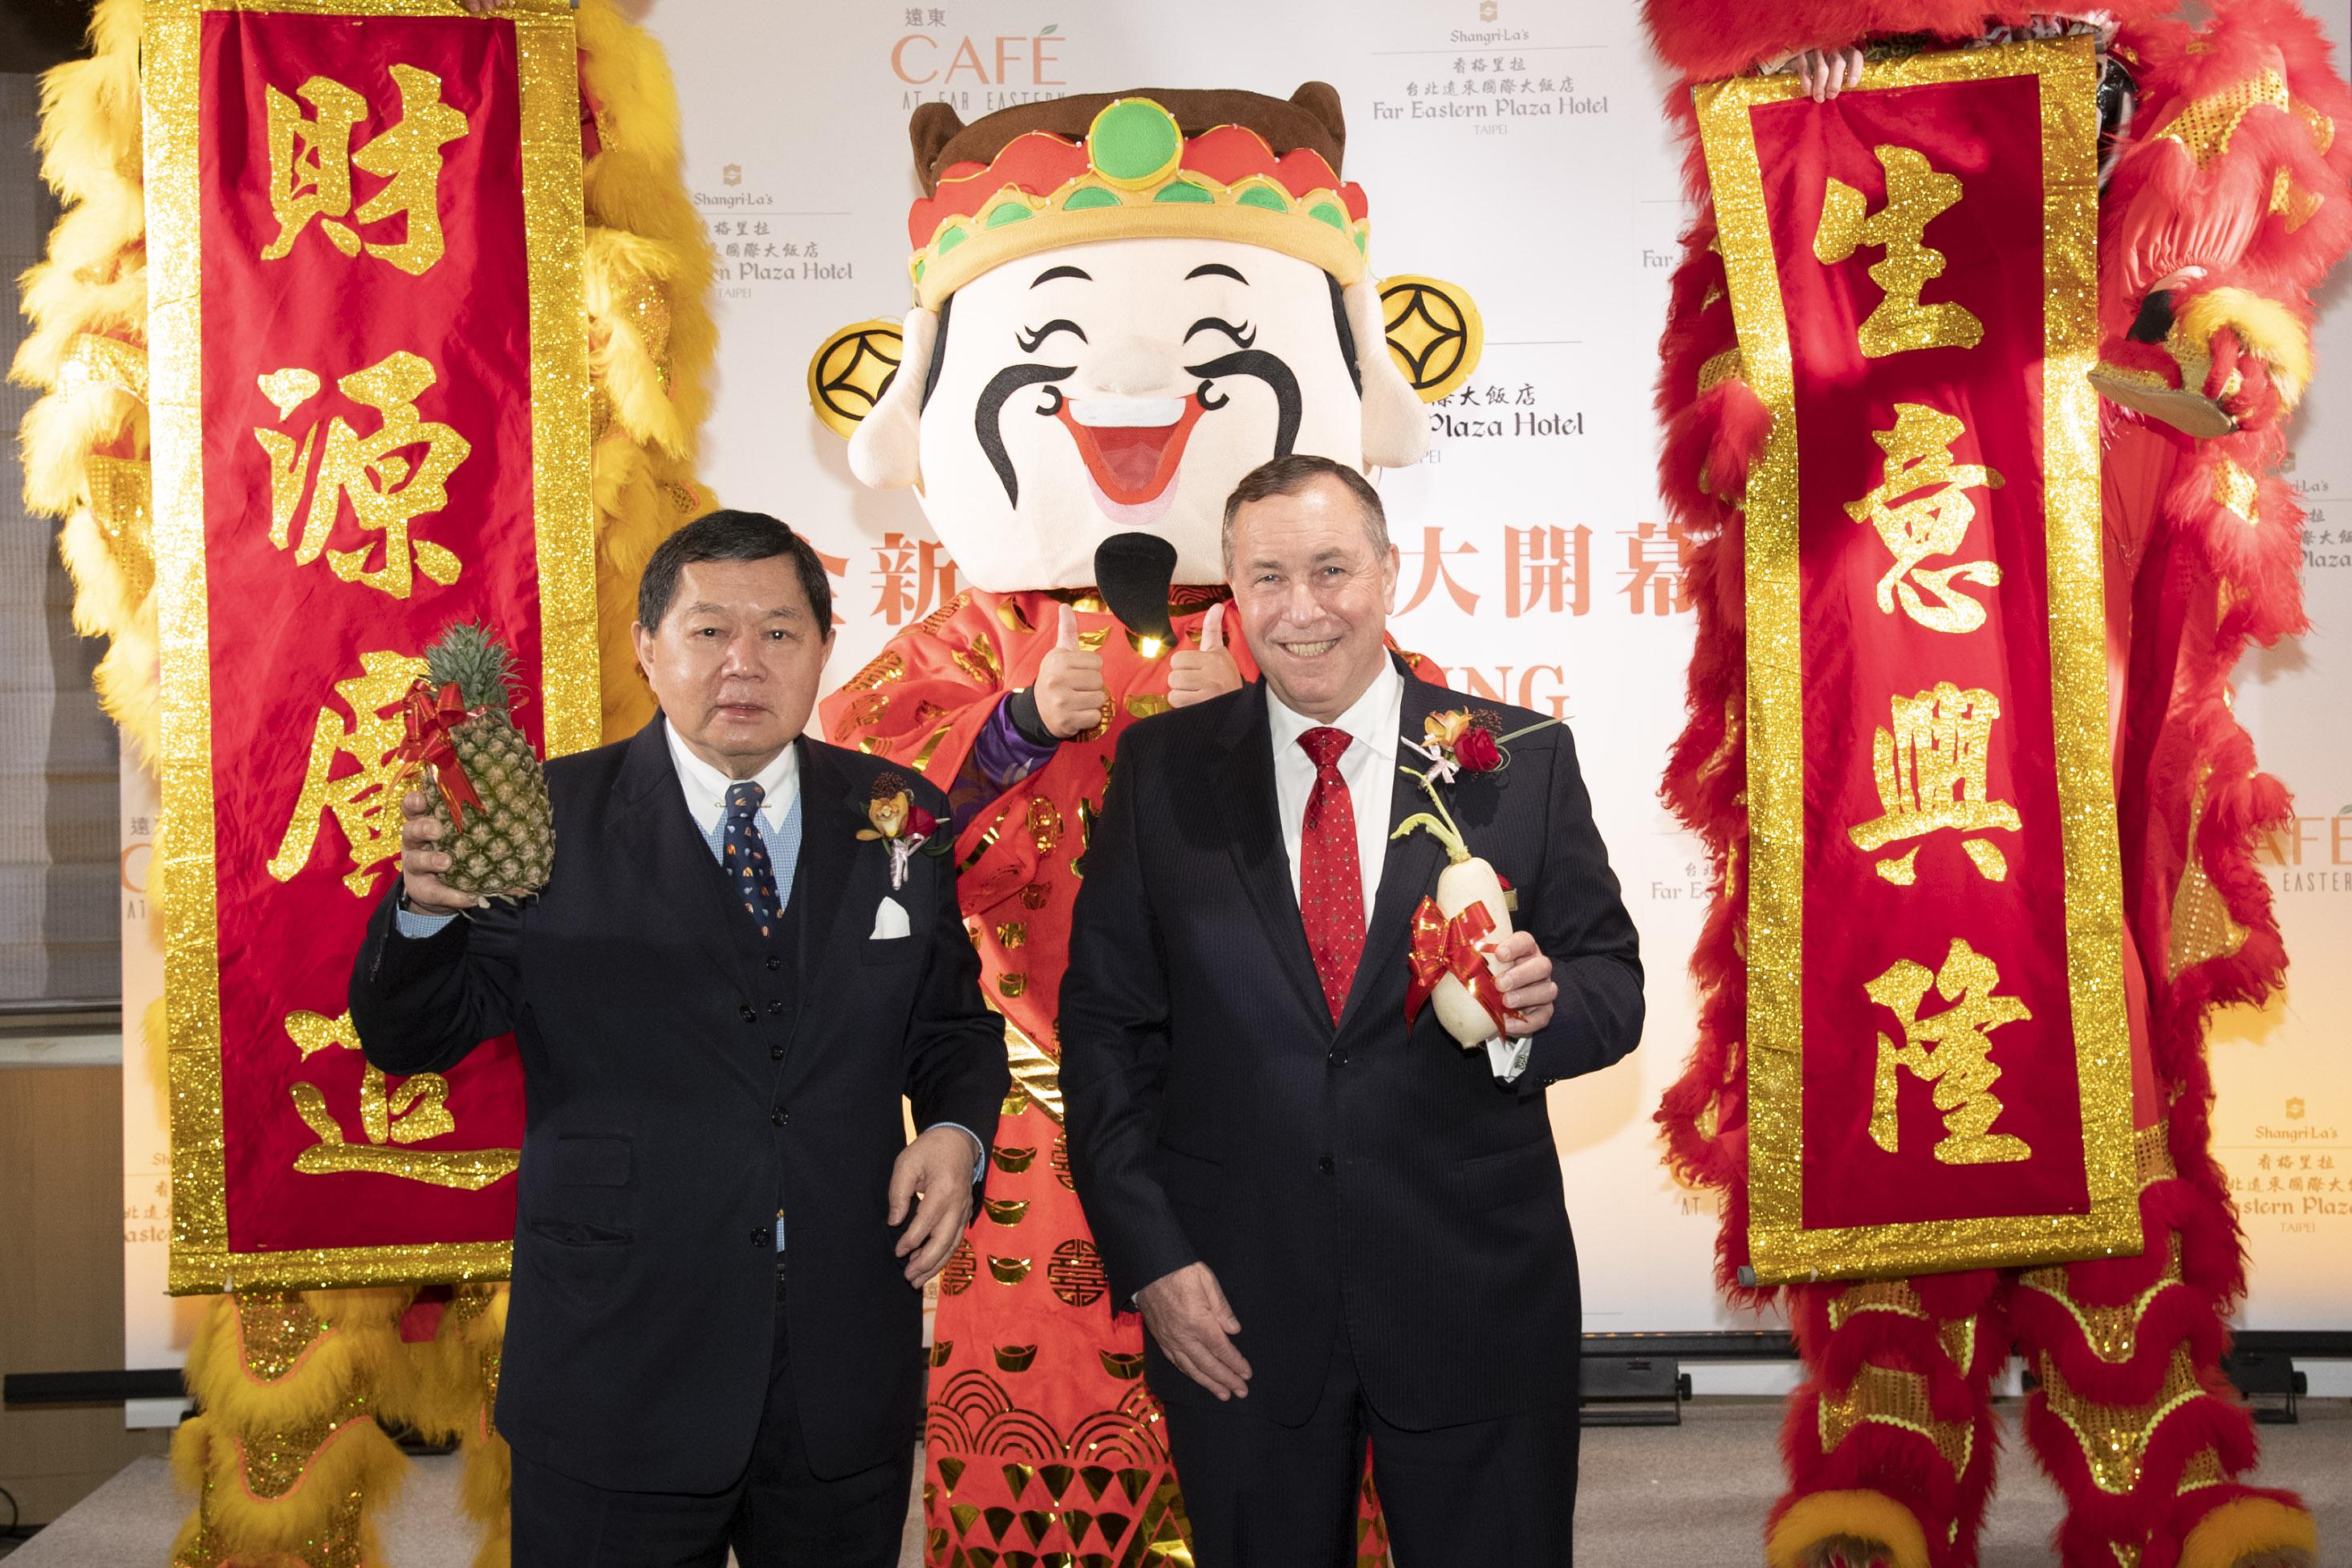 香格里拉台北遠東國際大飯店 遠東Café盛大開幕